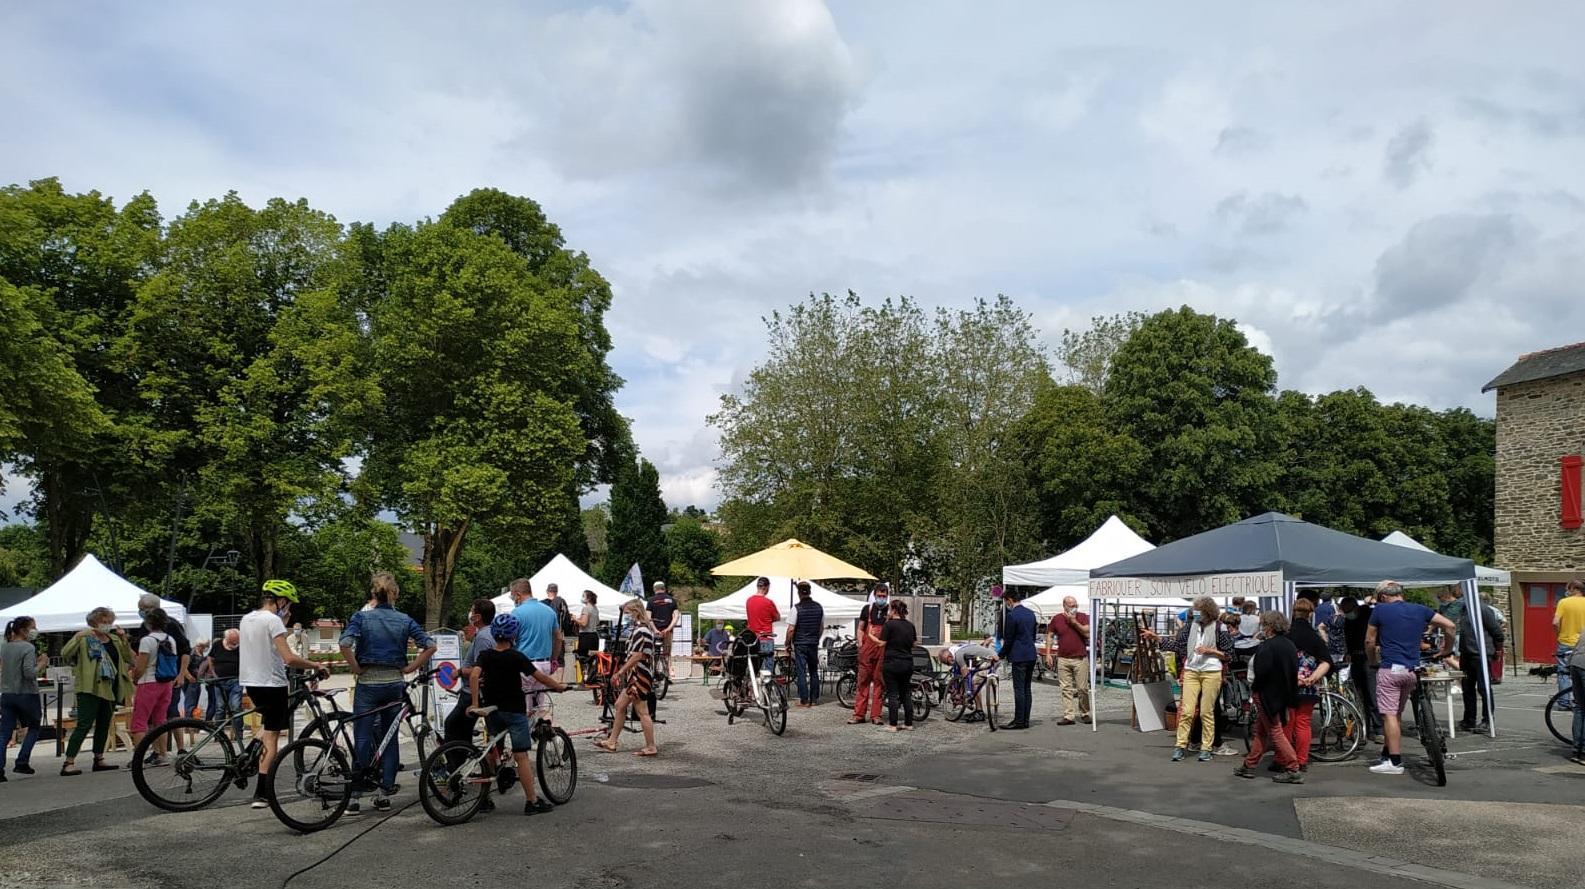 La 1ère fête du vélo, organisée par le groupe mobilité de Polen